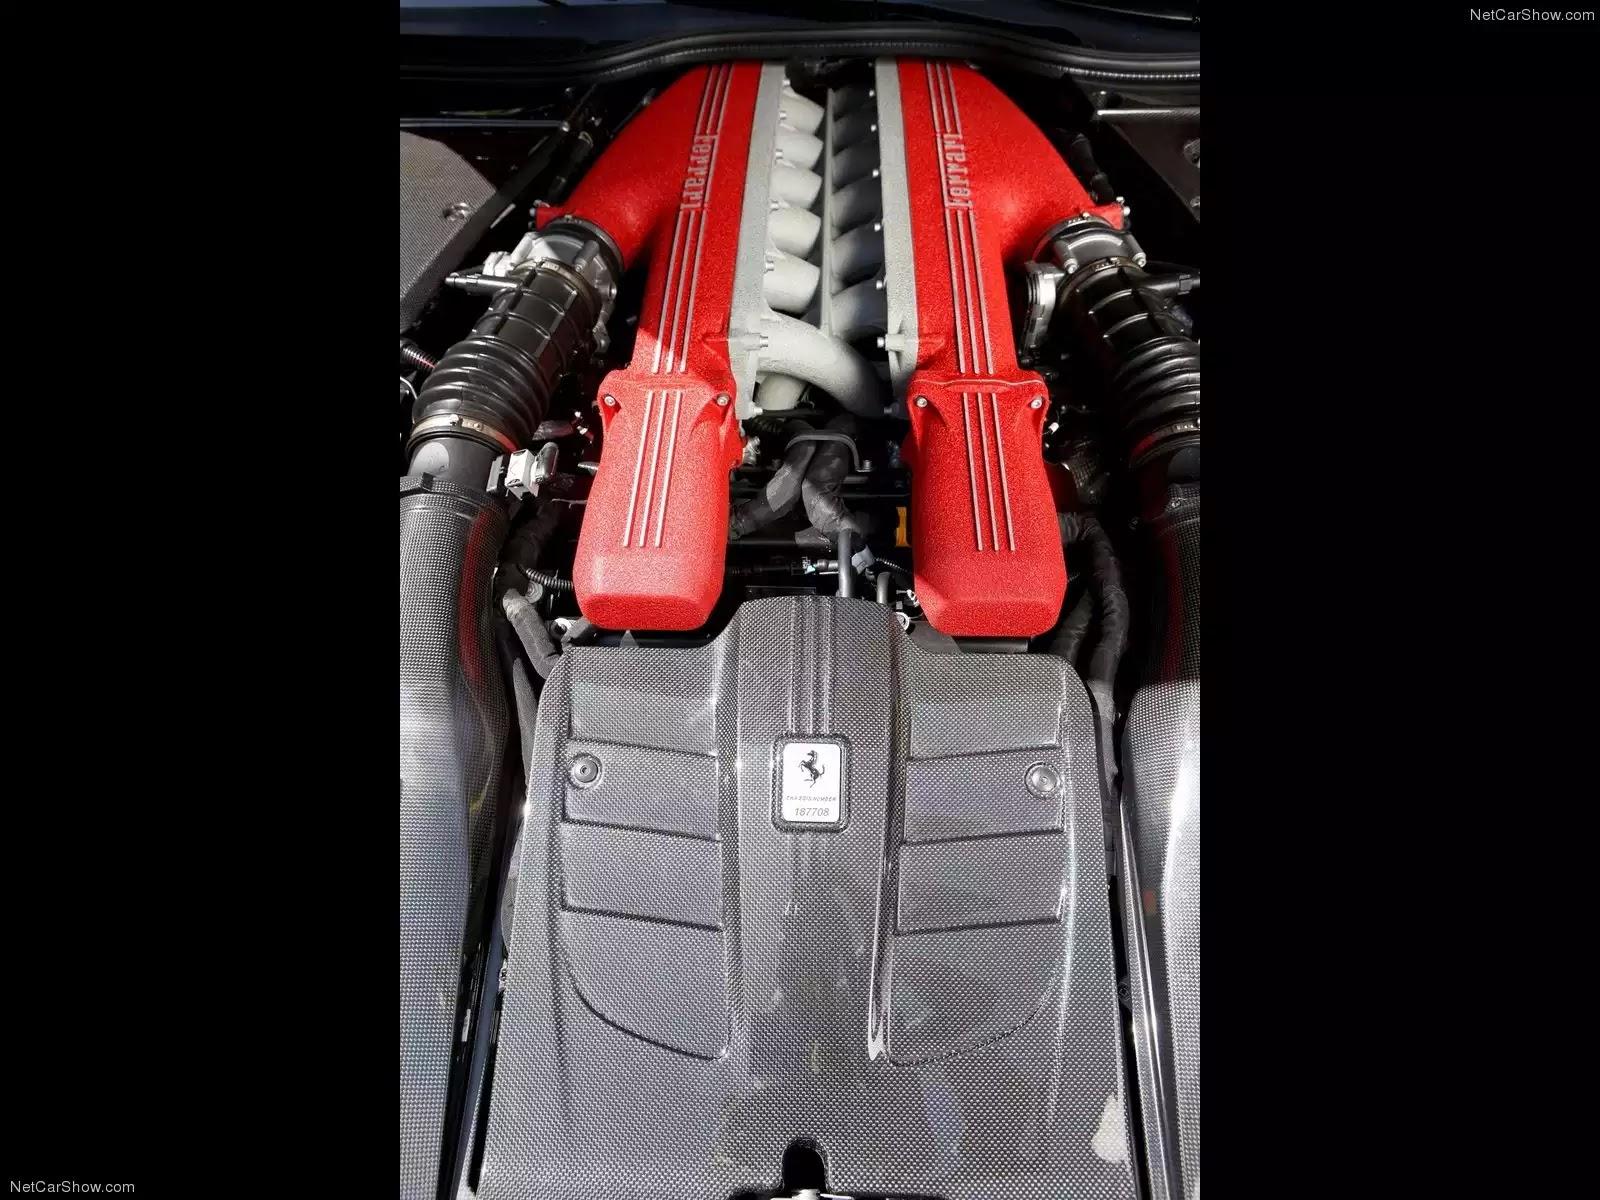 Hình ảnh siêu xe Ferrari F12berlinetta 2013 & nội ngoại thất